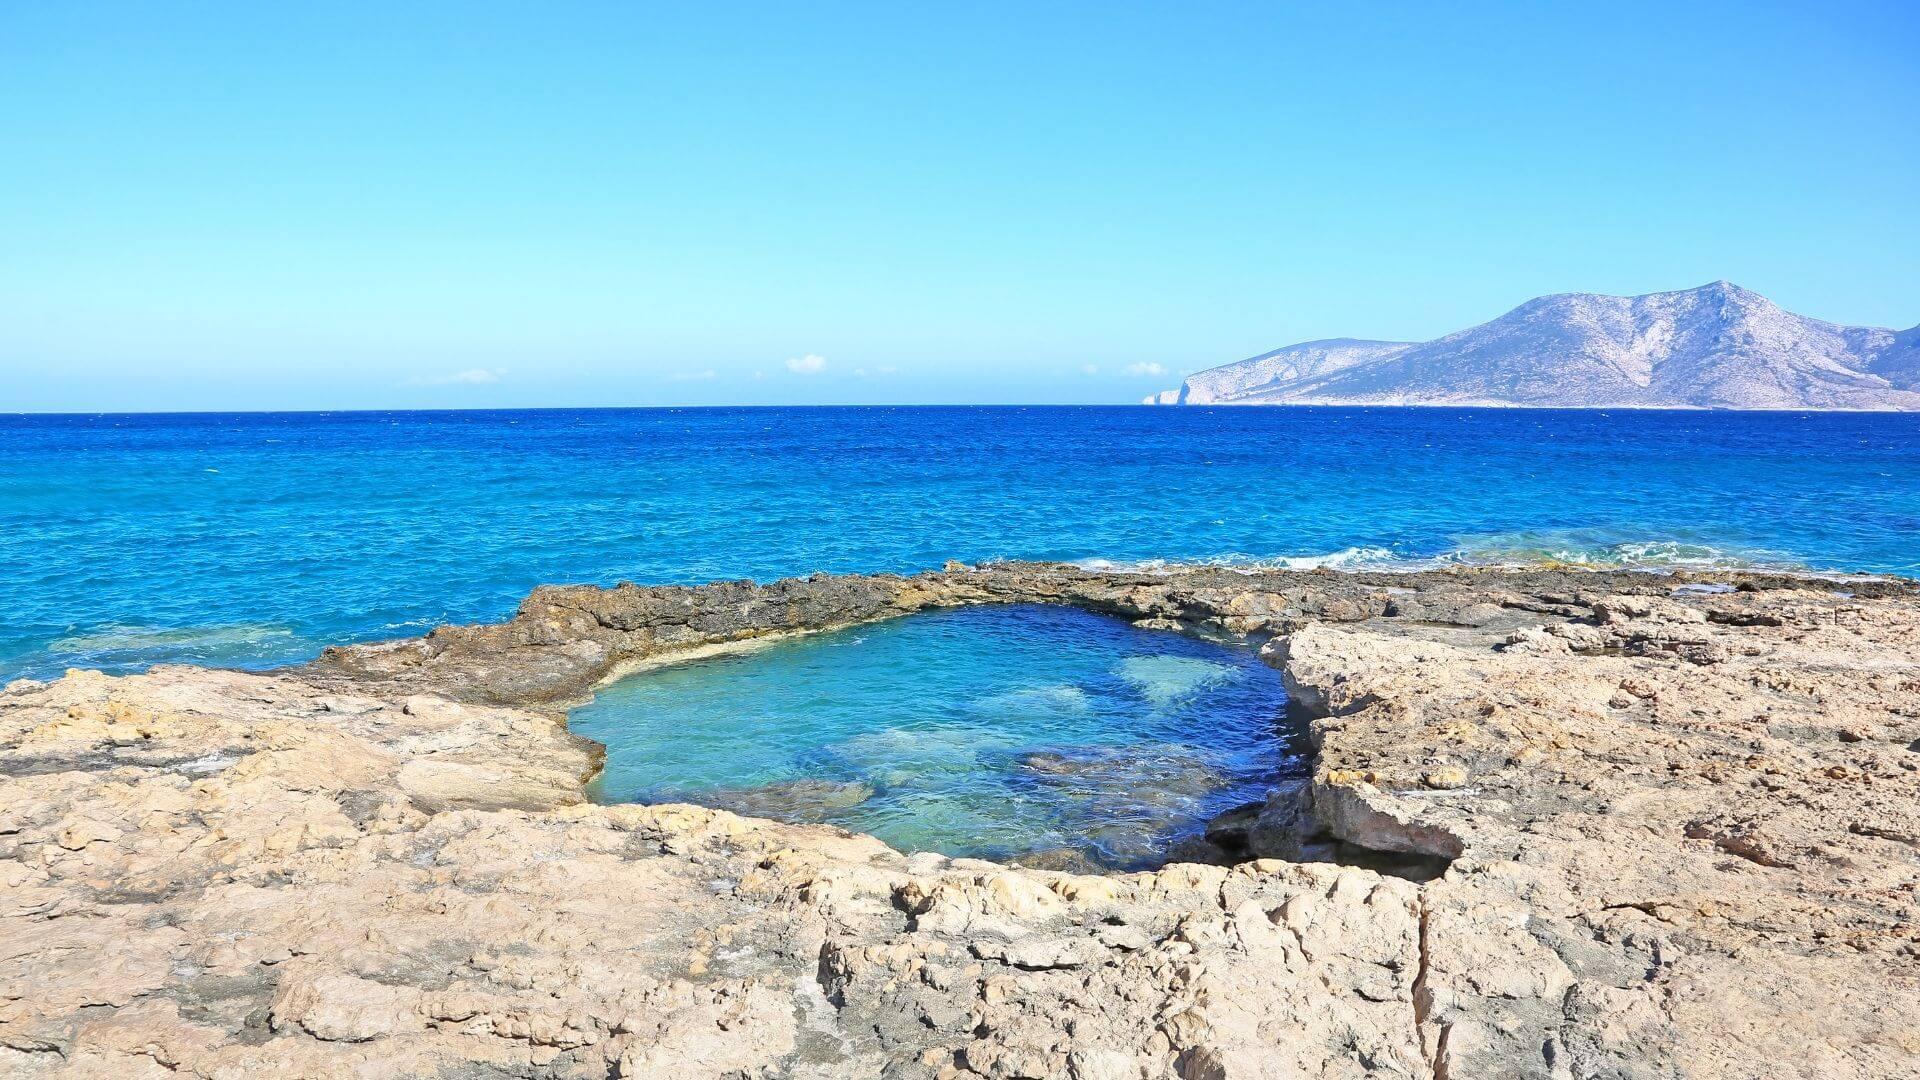 Καλοκαίρι στα Κουφονήσια - Διακοπές στις Κυκλάδες   Οδικές και αεροπορικές εκδρομές   Εκδρομές με πούλμαν   Prima Holidays